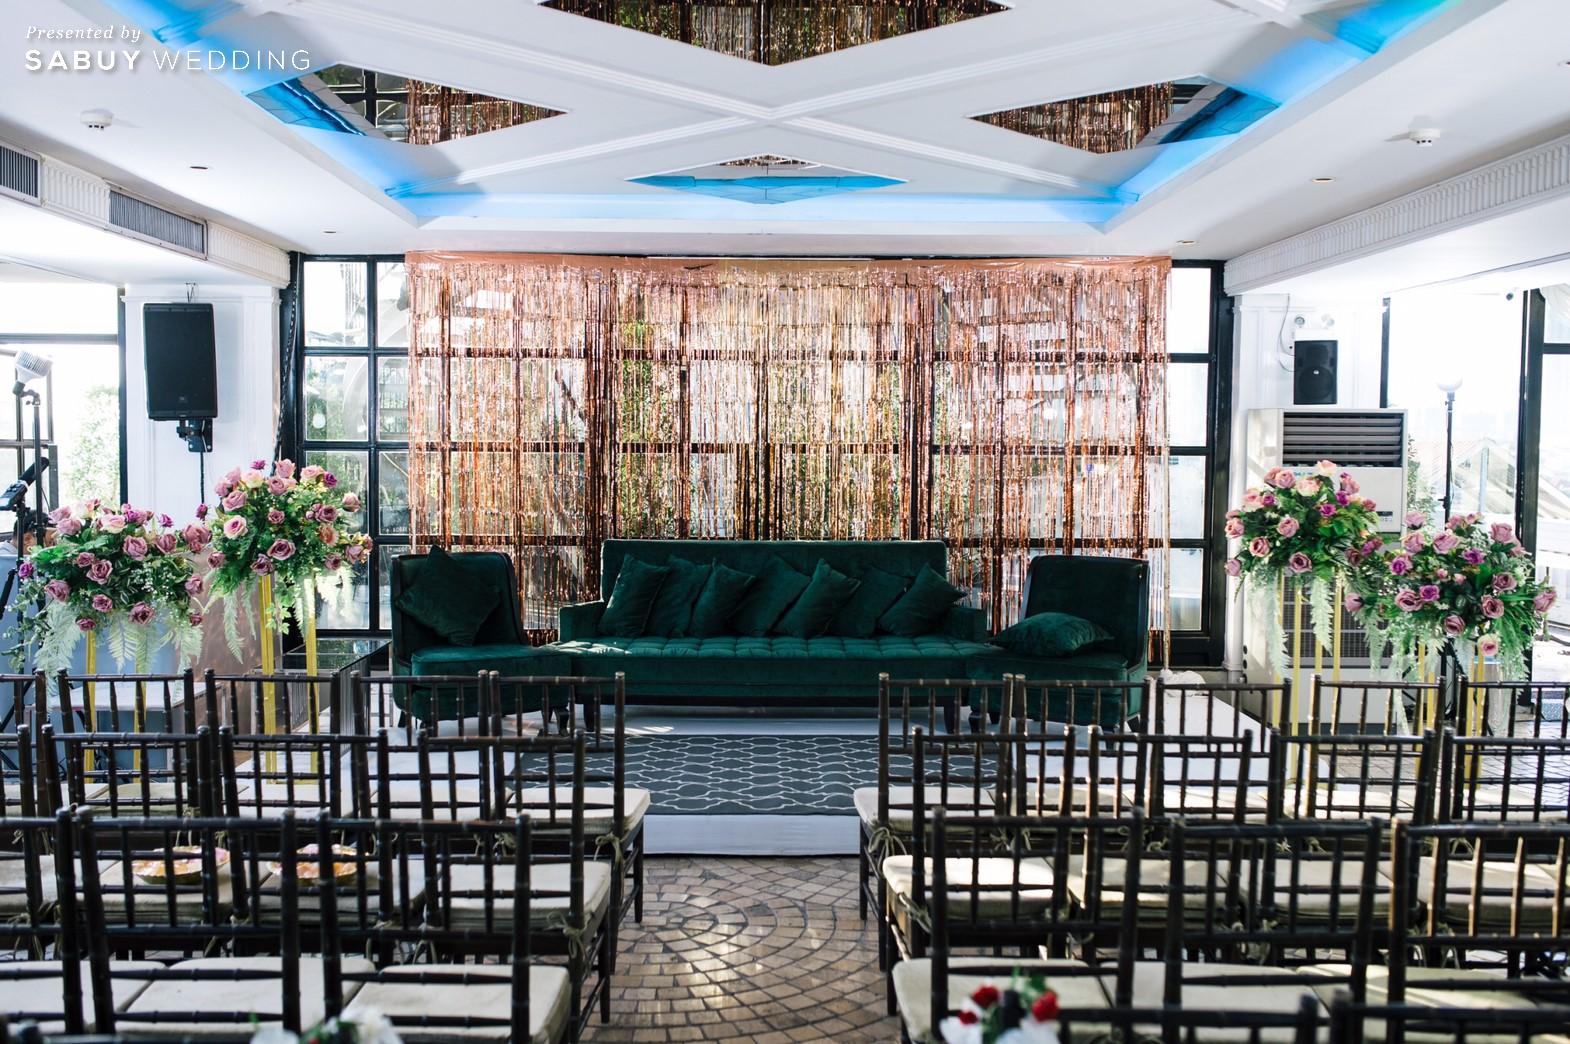 ออแกไนเซอร์,งานแต่งงาน รีวิวงานแต่งสวยวิ้ง ฟรุ้งฟริ้งฉบับงาน Customize @ Hotel Once Bangkok